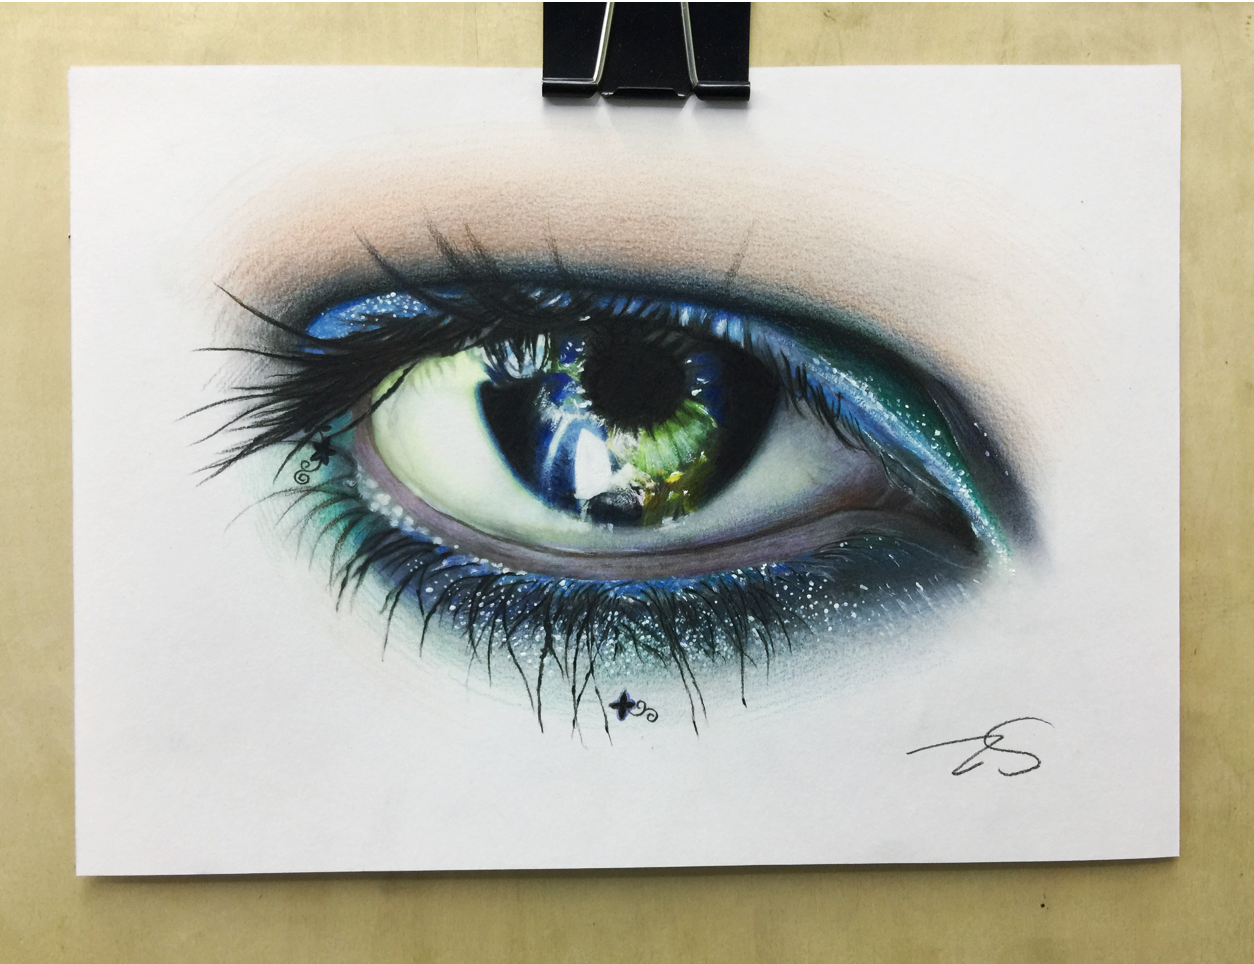 彩铅手绘大眼睛